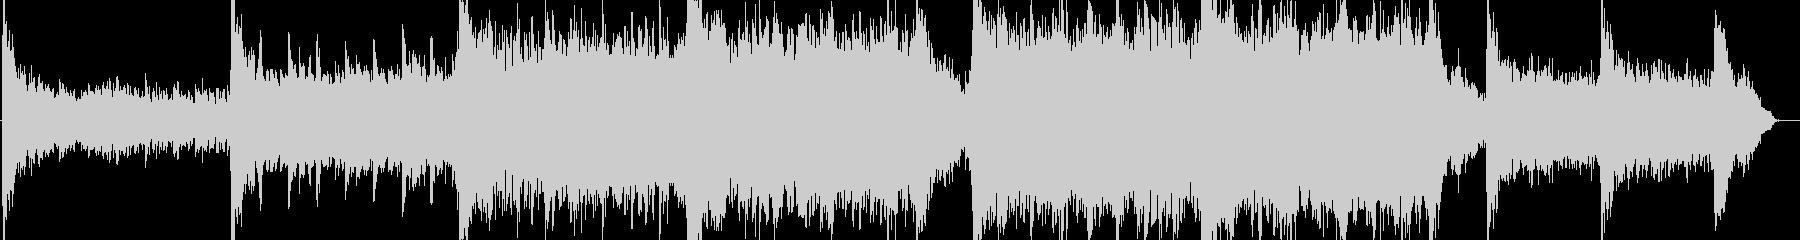 現代的 交響曲 クラシック アンビ...の未再生の波形